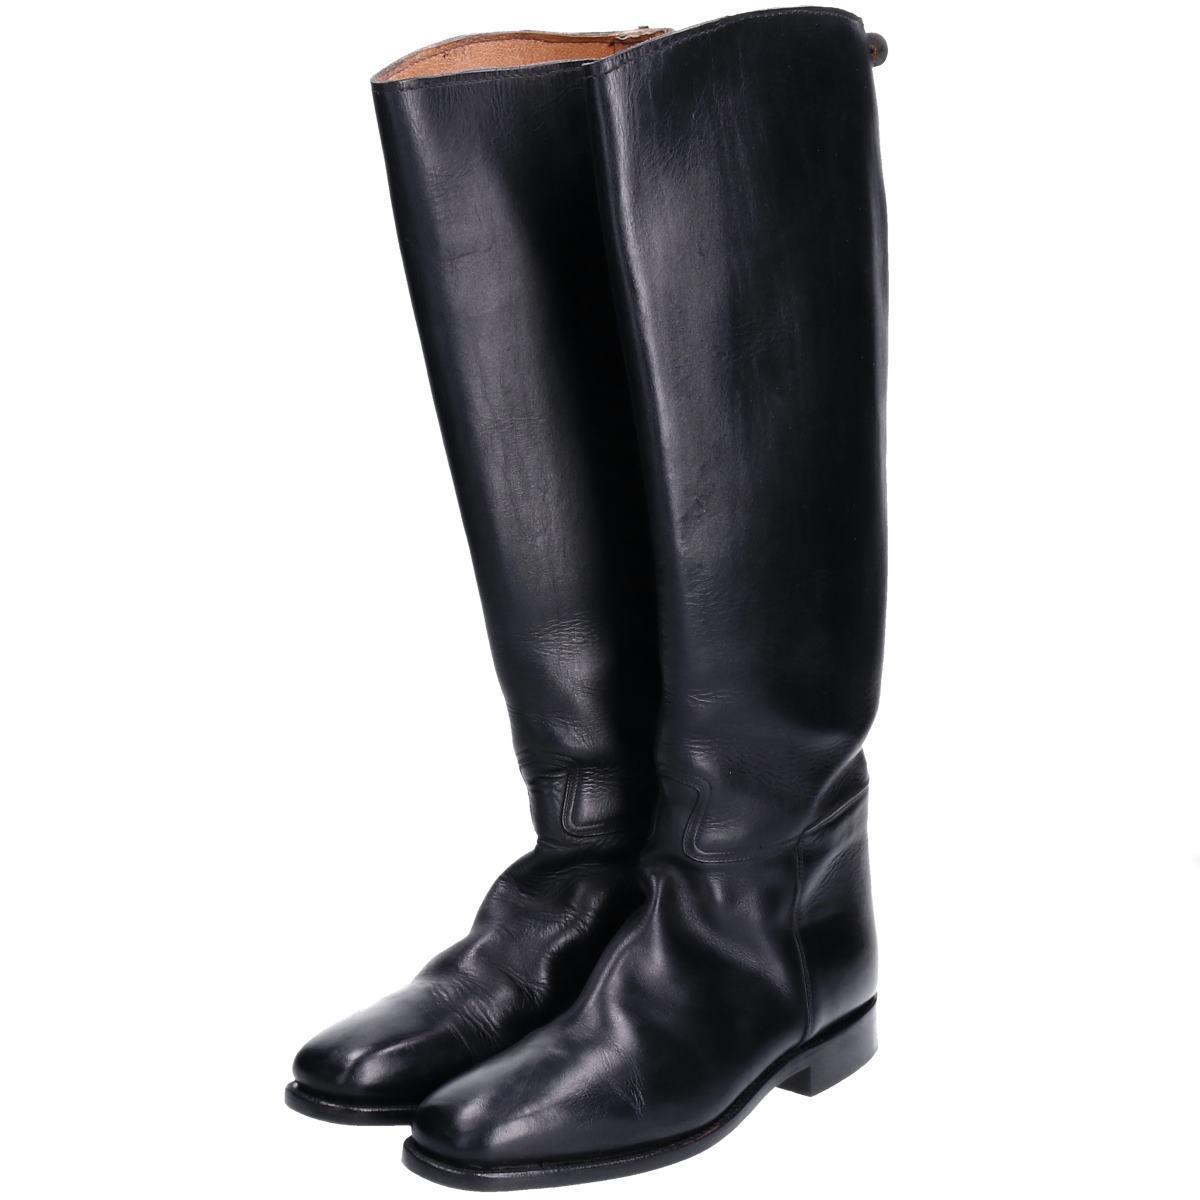 カバロ Cavallo ジョッキー乗馬ブーツ 7.5 メンズ25.5cm /boq3991 【中古】 【190928】